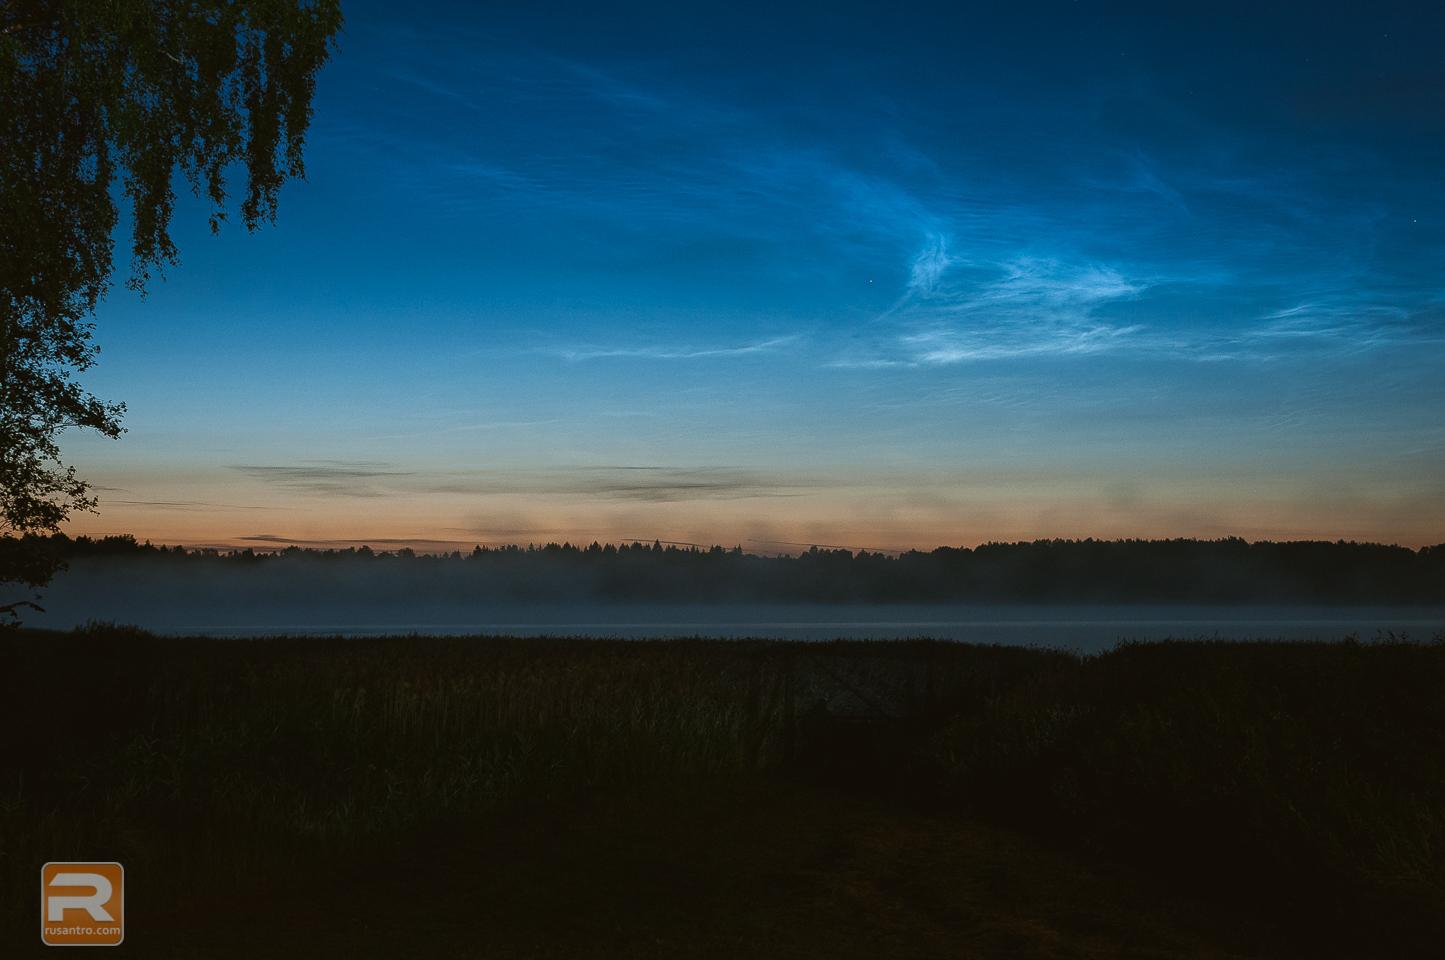 Sudrabainie mākoņi - Noctilucent cloud